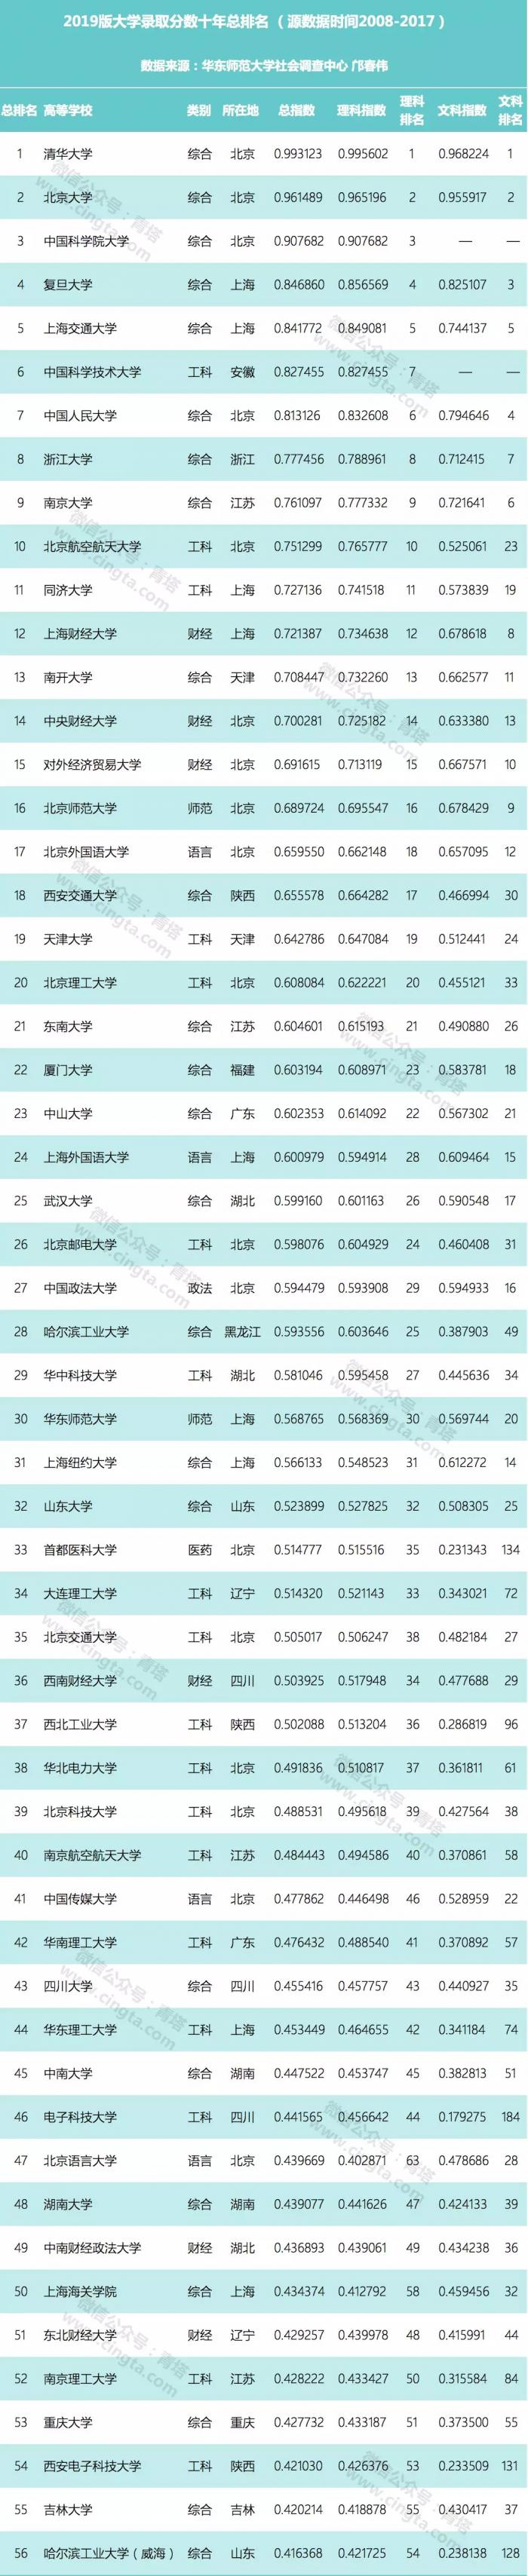 最新!2019版中国大学录取分数排行榜出炉,你报考的大学排第几?(附榜单)